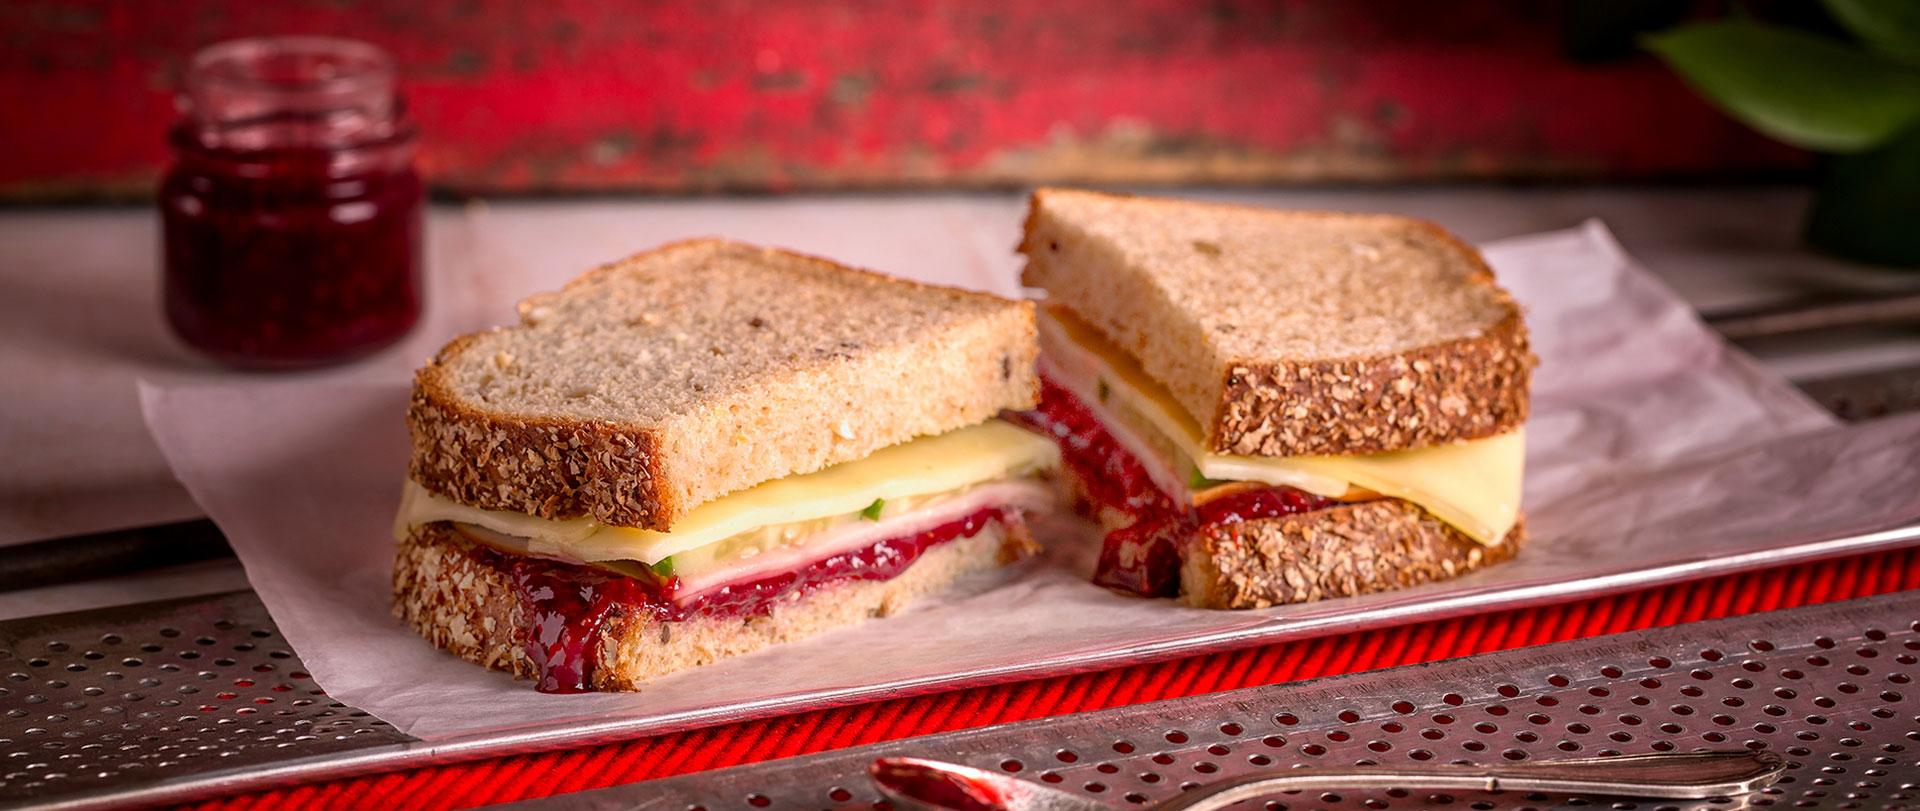 Sanduíche agridoce com geléia de morango, peito de peru, pepino